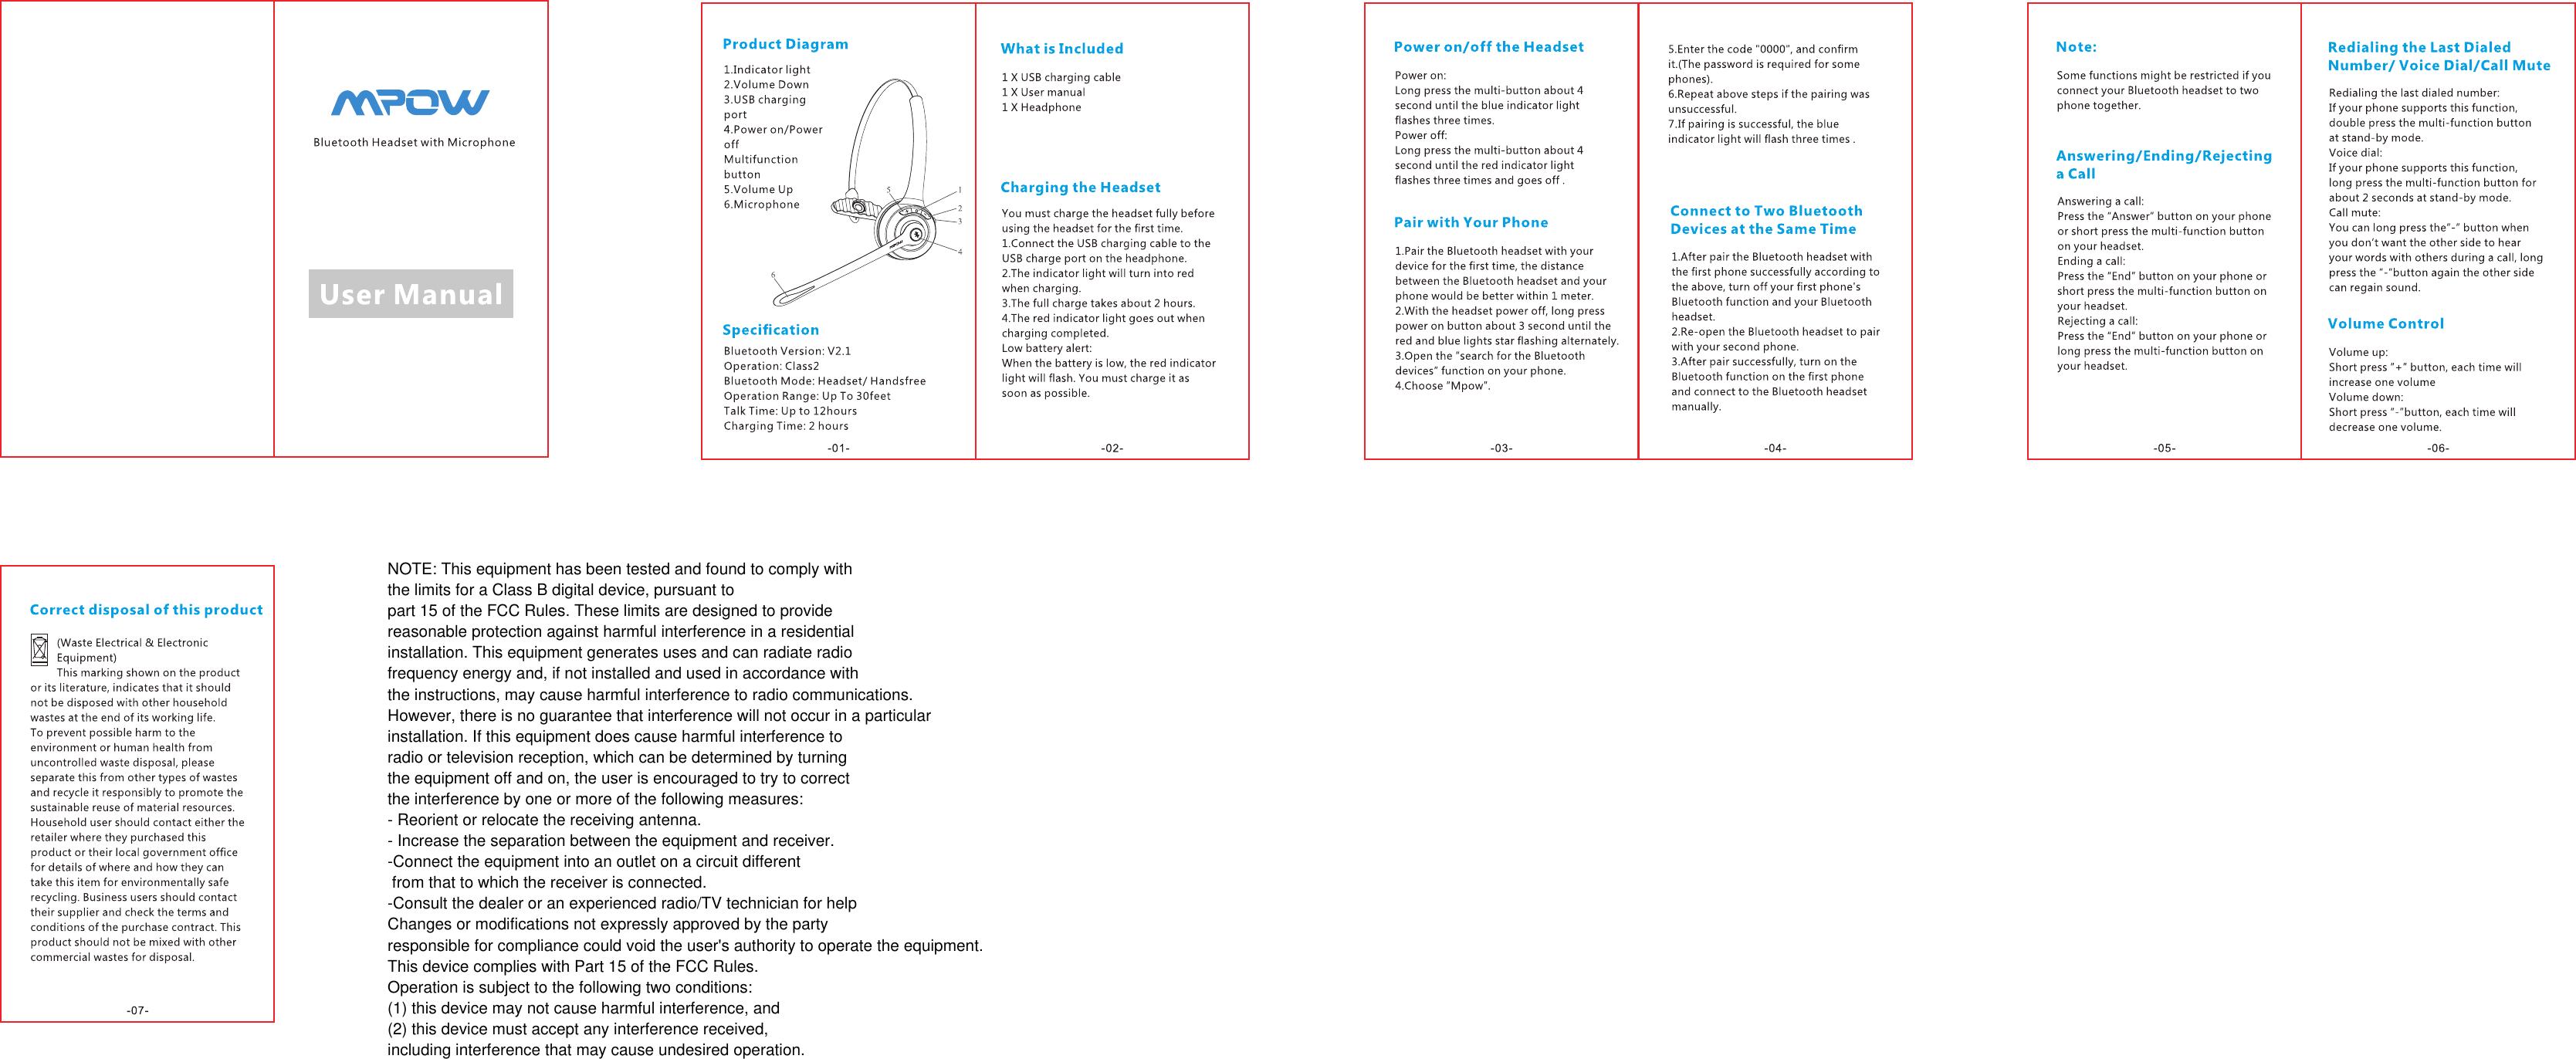 mpow h5 user manual pdf